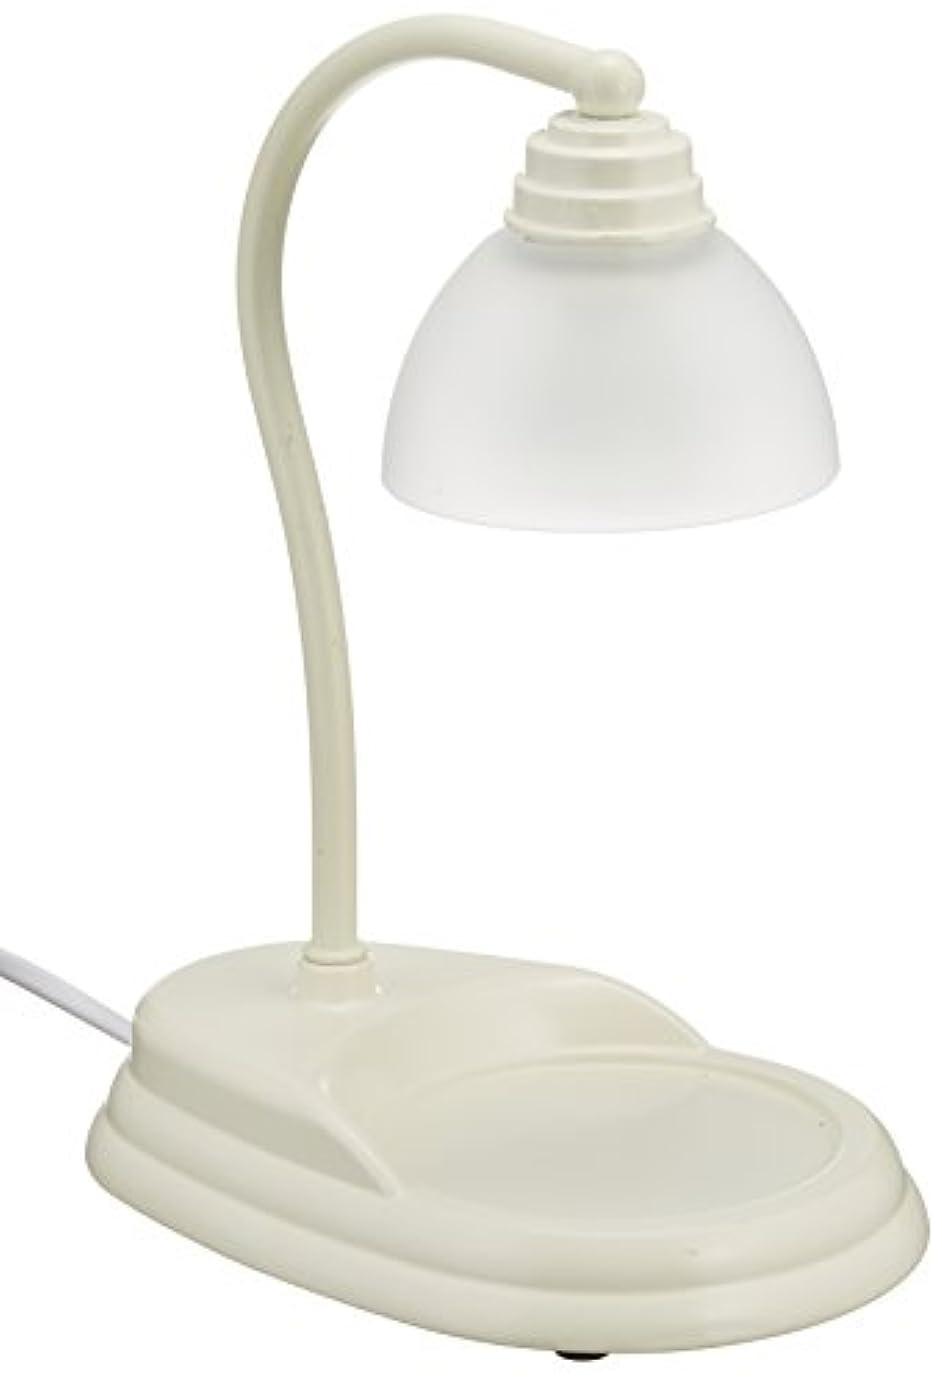 メッセージ飽和する座る電球の熱でキャンドルを溶かして香りを楽しむ電気スタンド キャンドルウォーマーランプ (ホワイト)